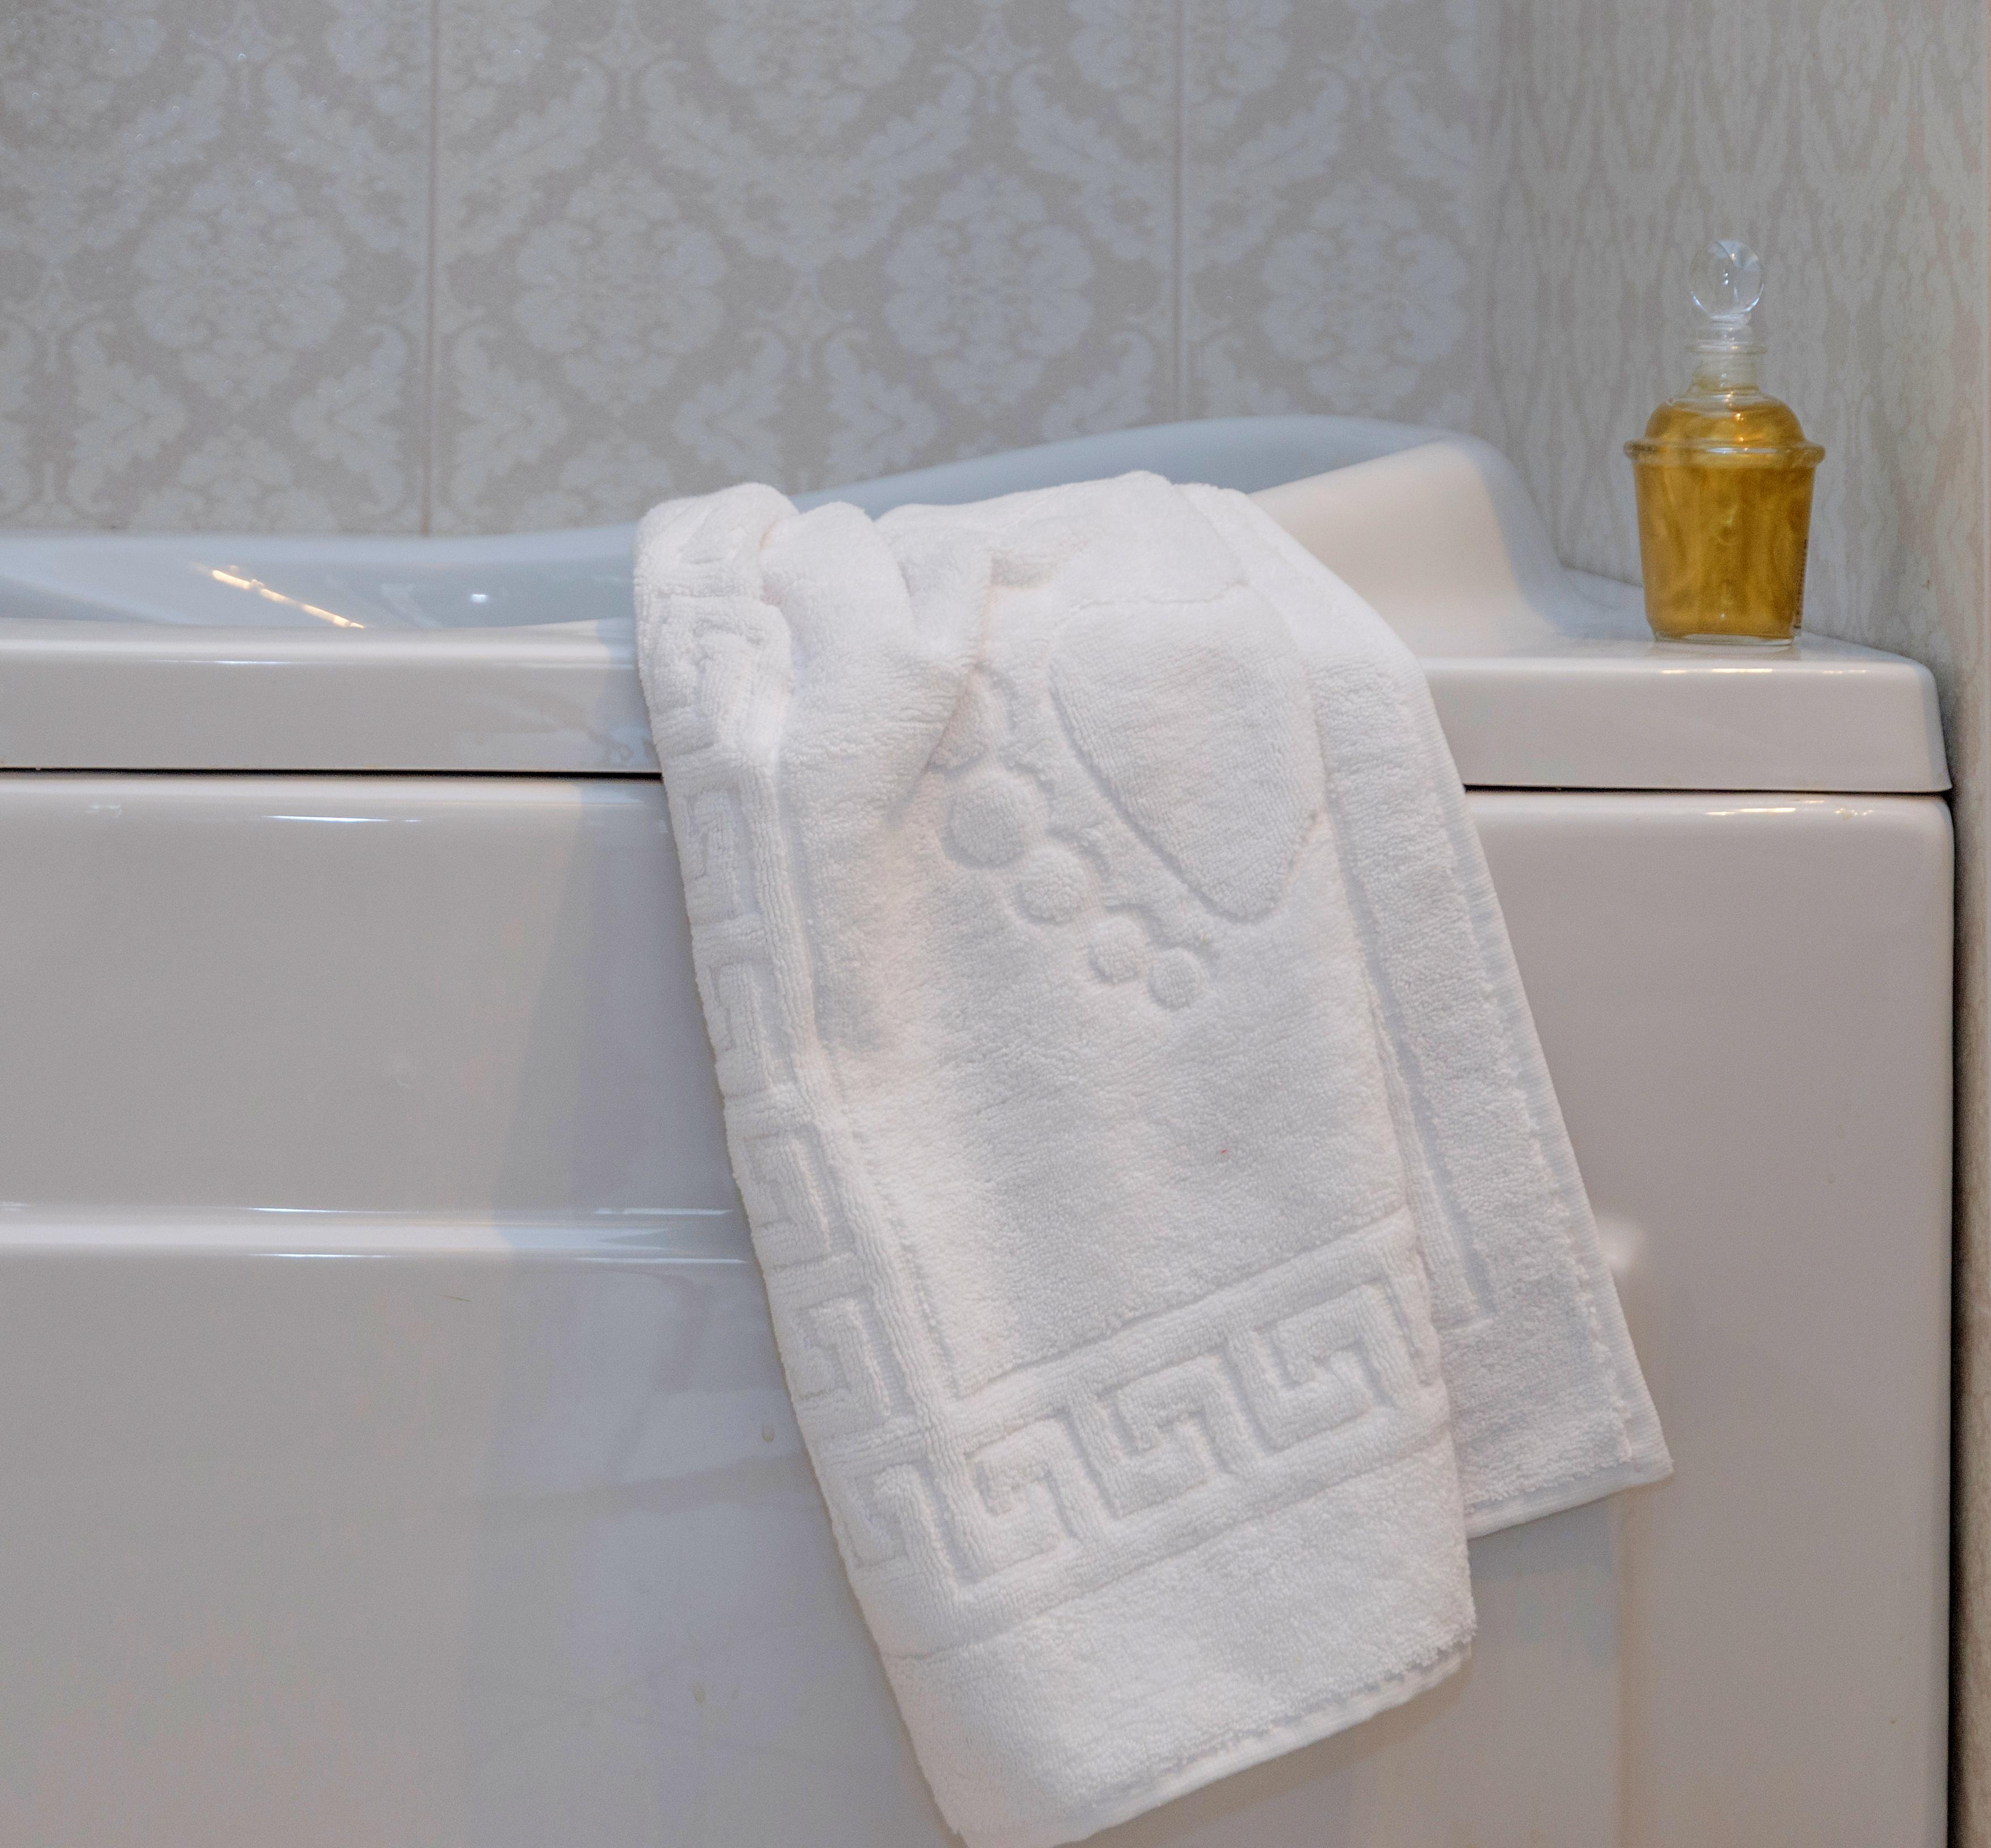 Relief woven bath mat.